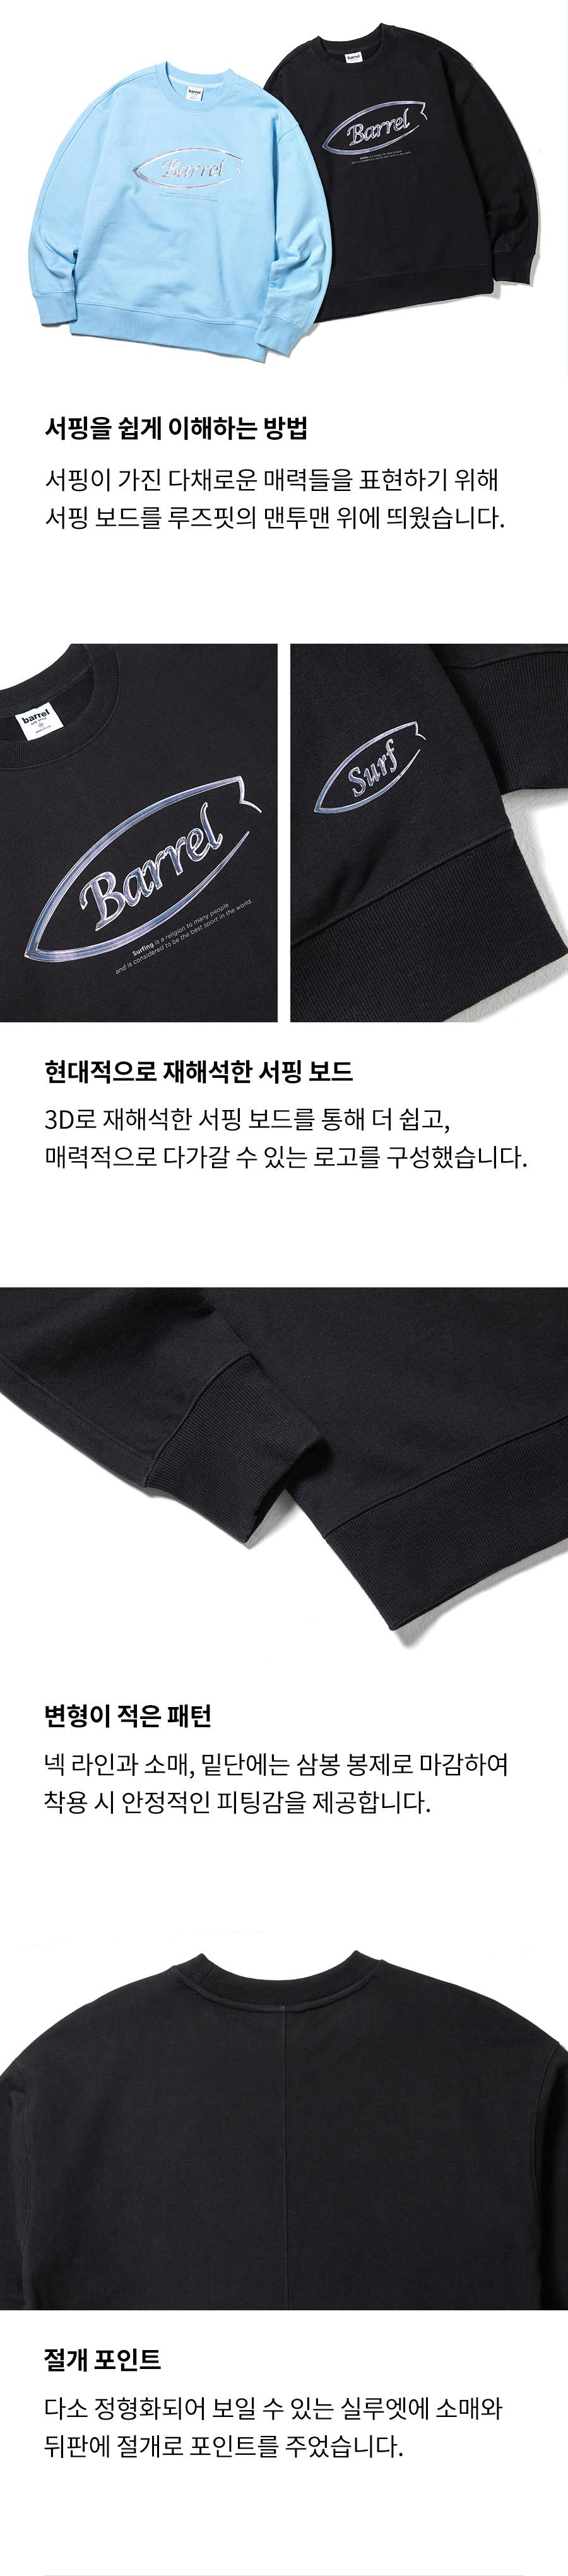 배럴(BARREL) 유니섹스 메탈 로고 스웨트 셔츠 블랙(BH1UHMM02BLK)